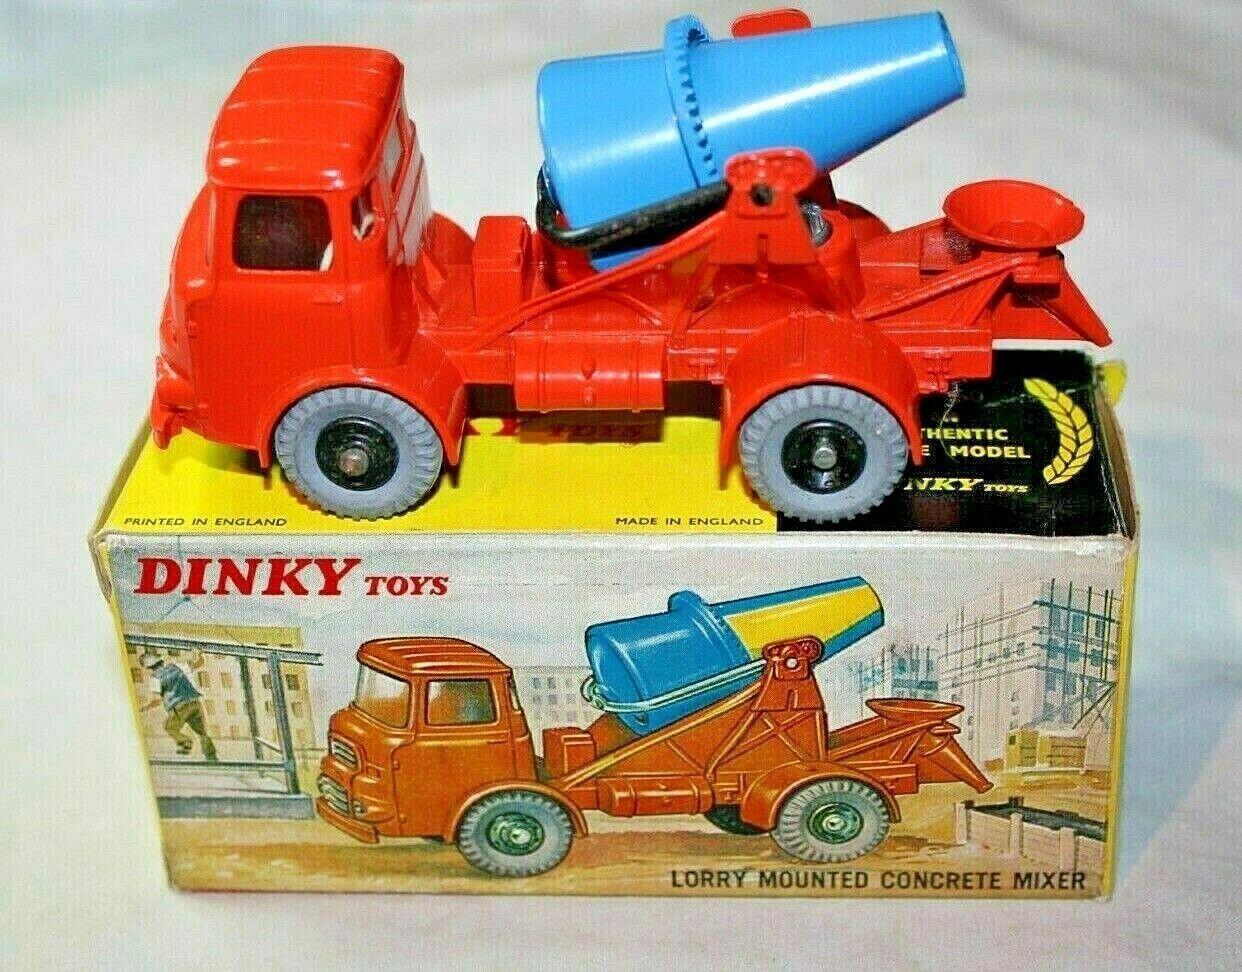 DINKY 960 Albion CAMION montato Betoniera, condizione superba nella scatola originale